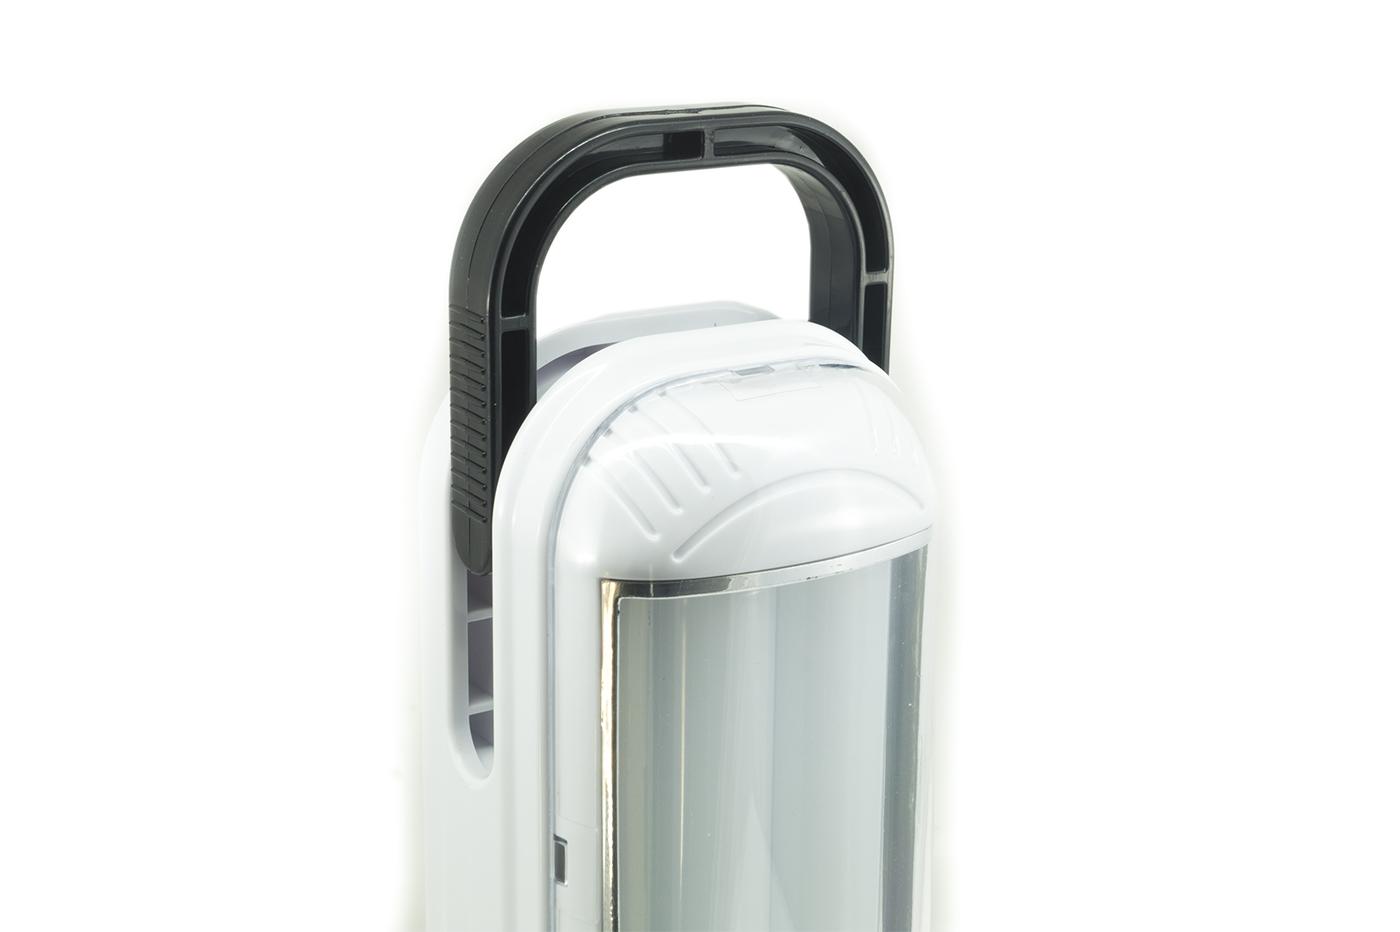 Plafoniera Neon Con Emergenza : Lampada emergenza beghelli leggera w ip se n rm ebay